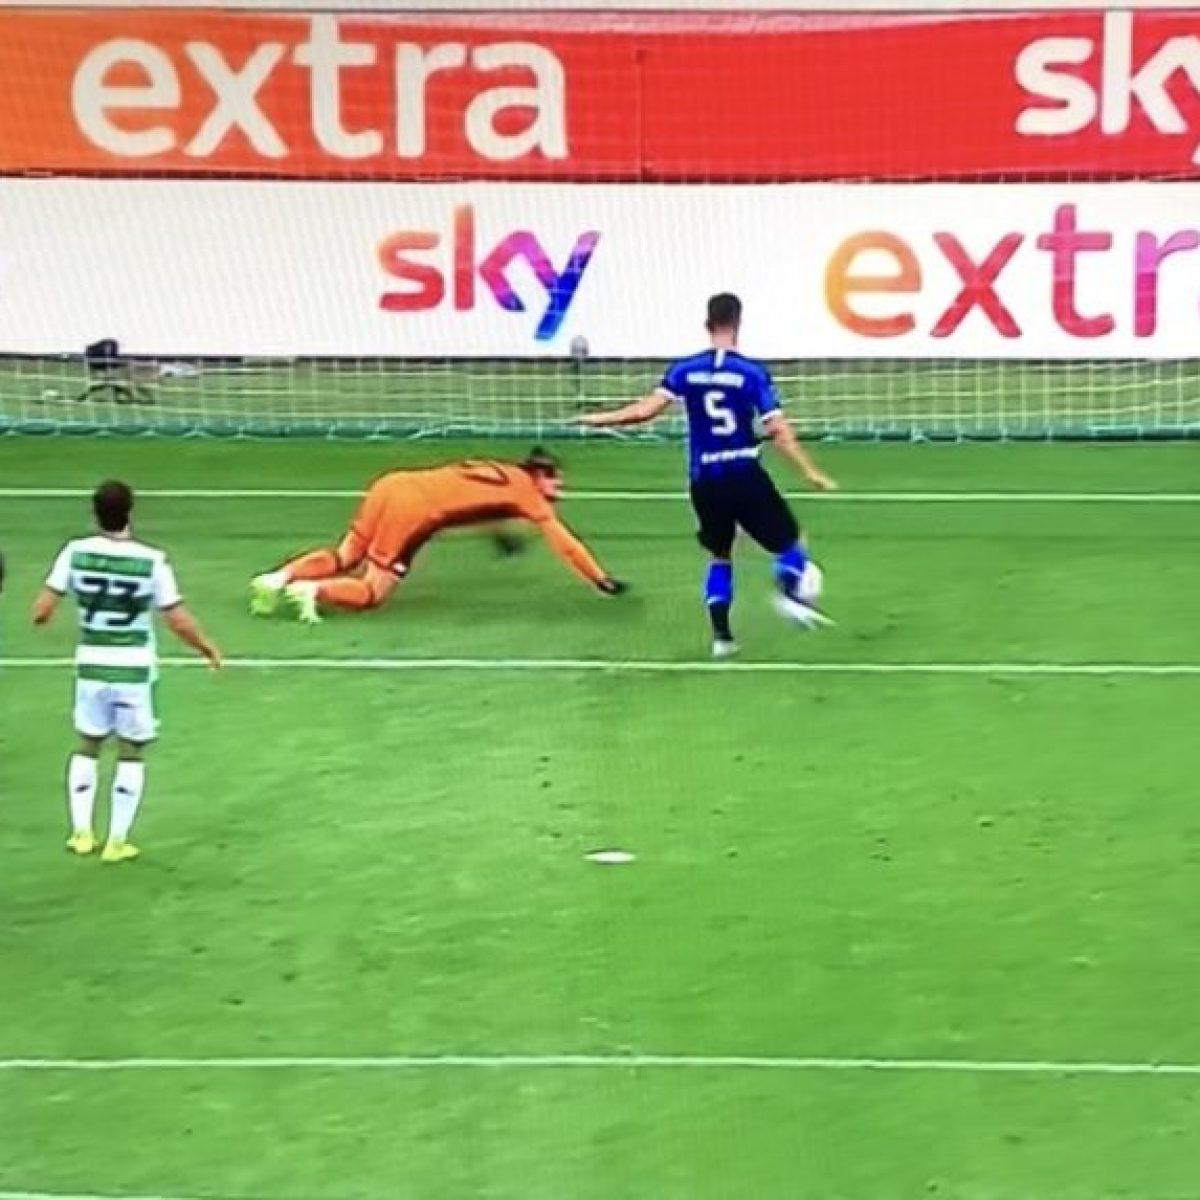 L'incredibile gol sbagliato da Gagliardini durante Inter-Sassuolo